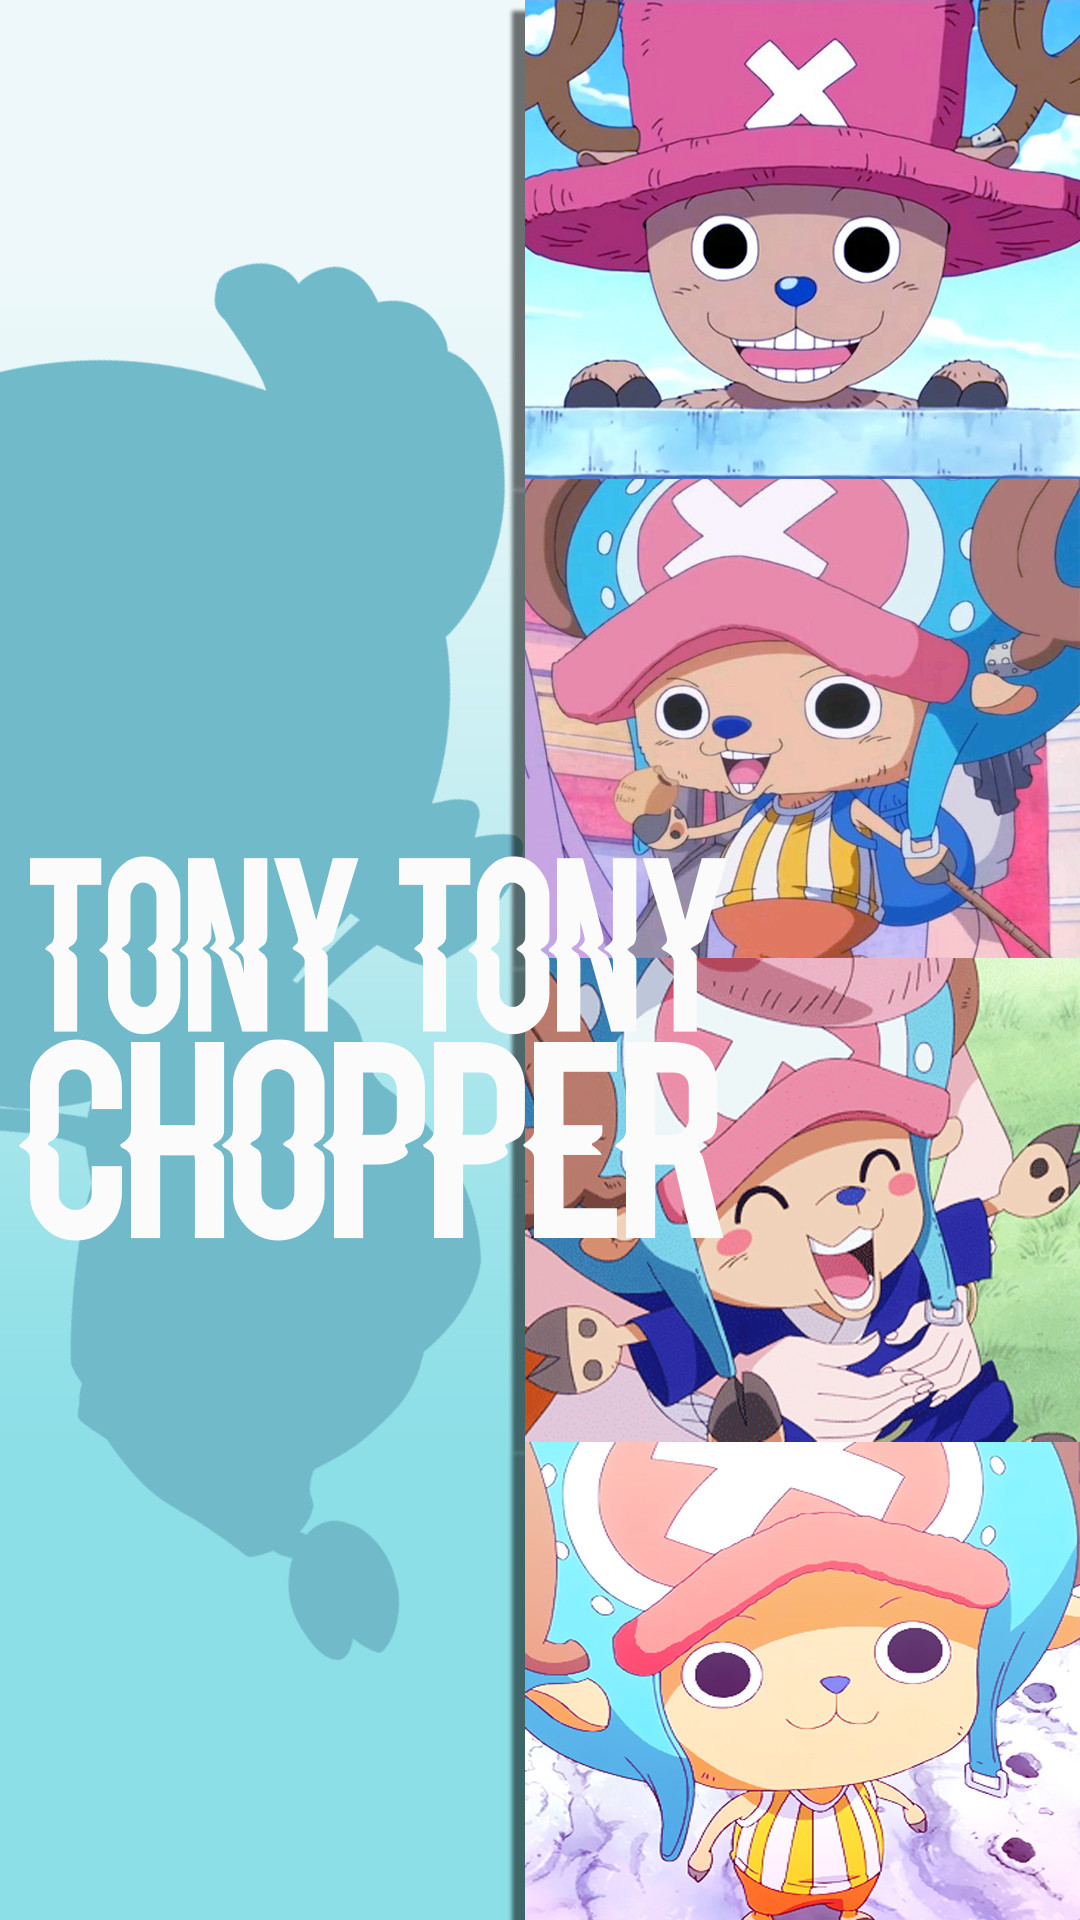 One Piece Tony Tony Chopper